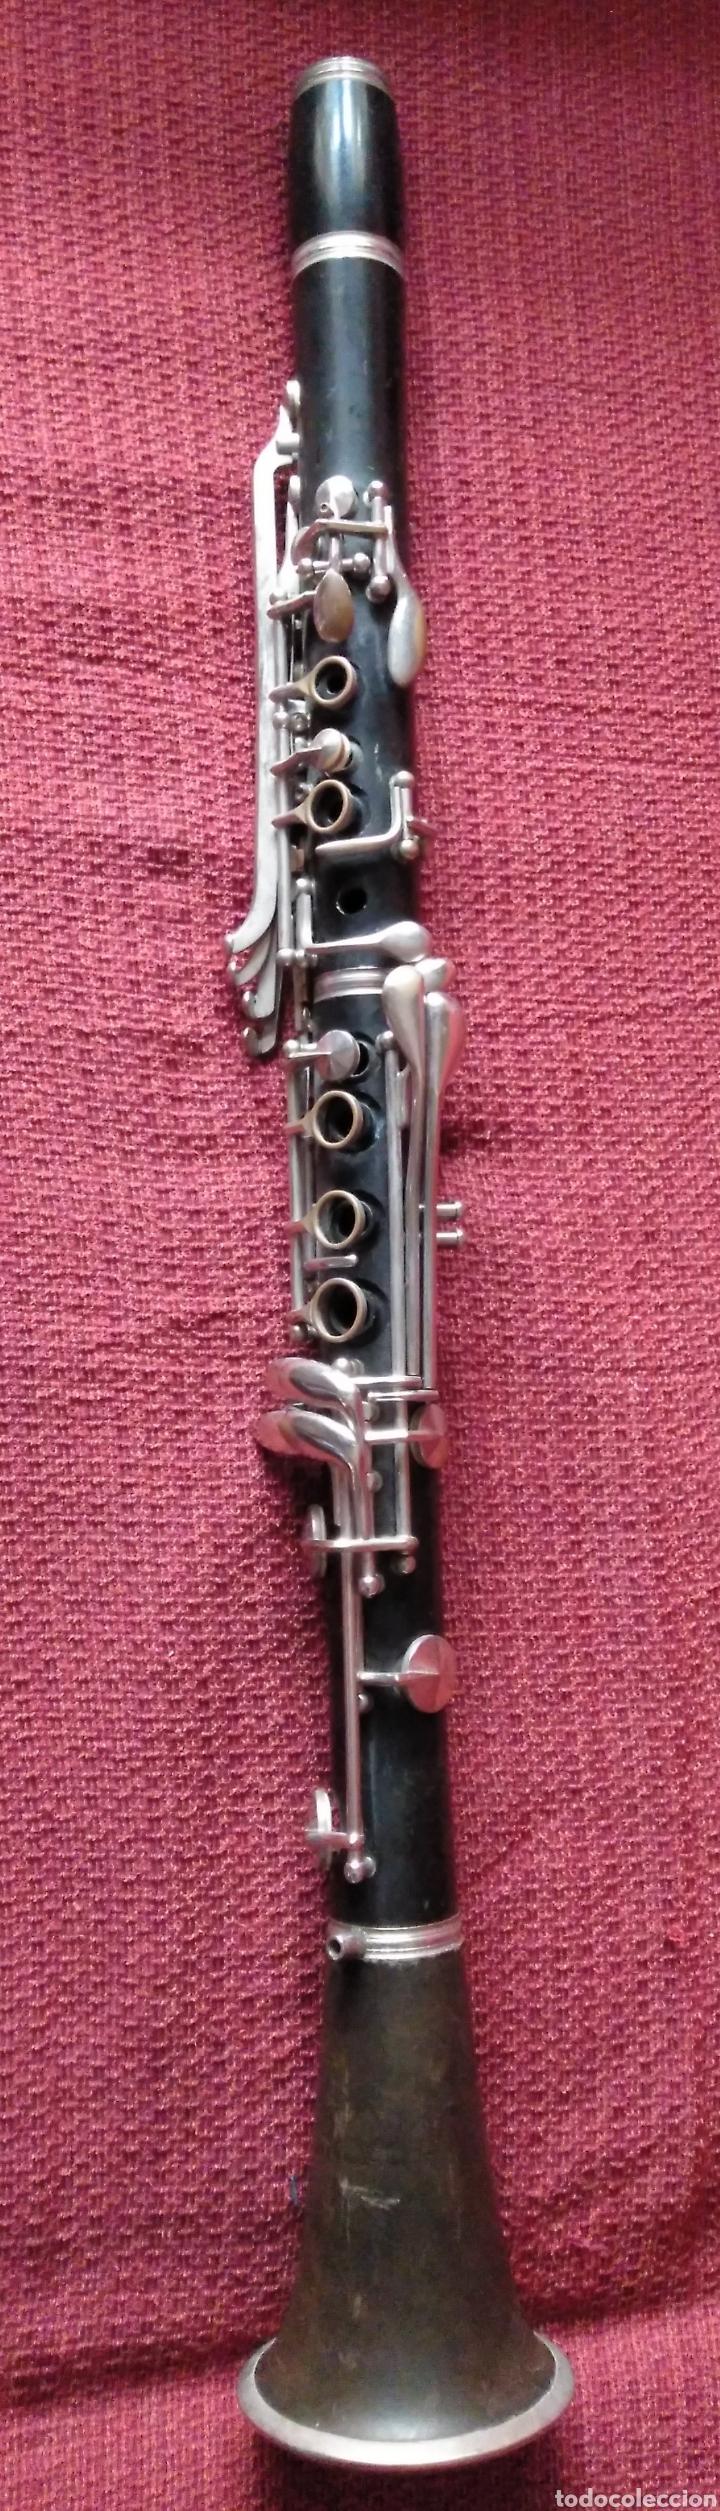 CLARINETE EN SI BEMOL (Música - Instrumentos Musicales - Viento Madera)